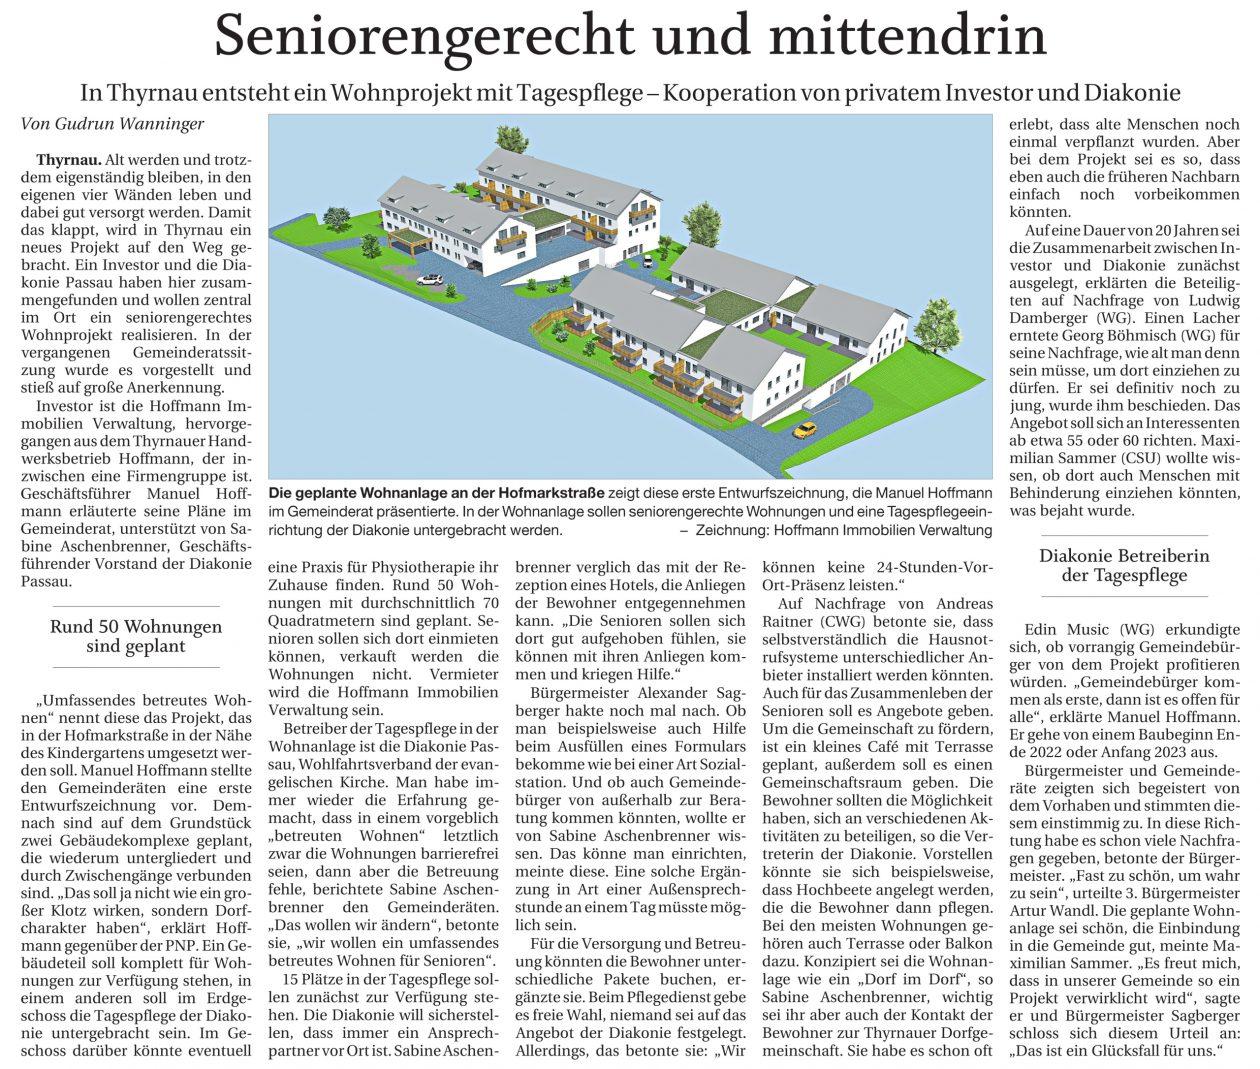 Hoffmann Firmengruppe -Seniorengerecht und mittendrin Thyrnau, PNP